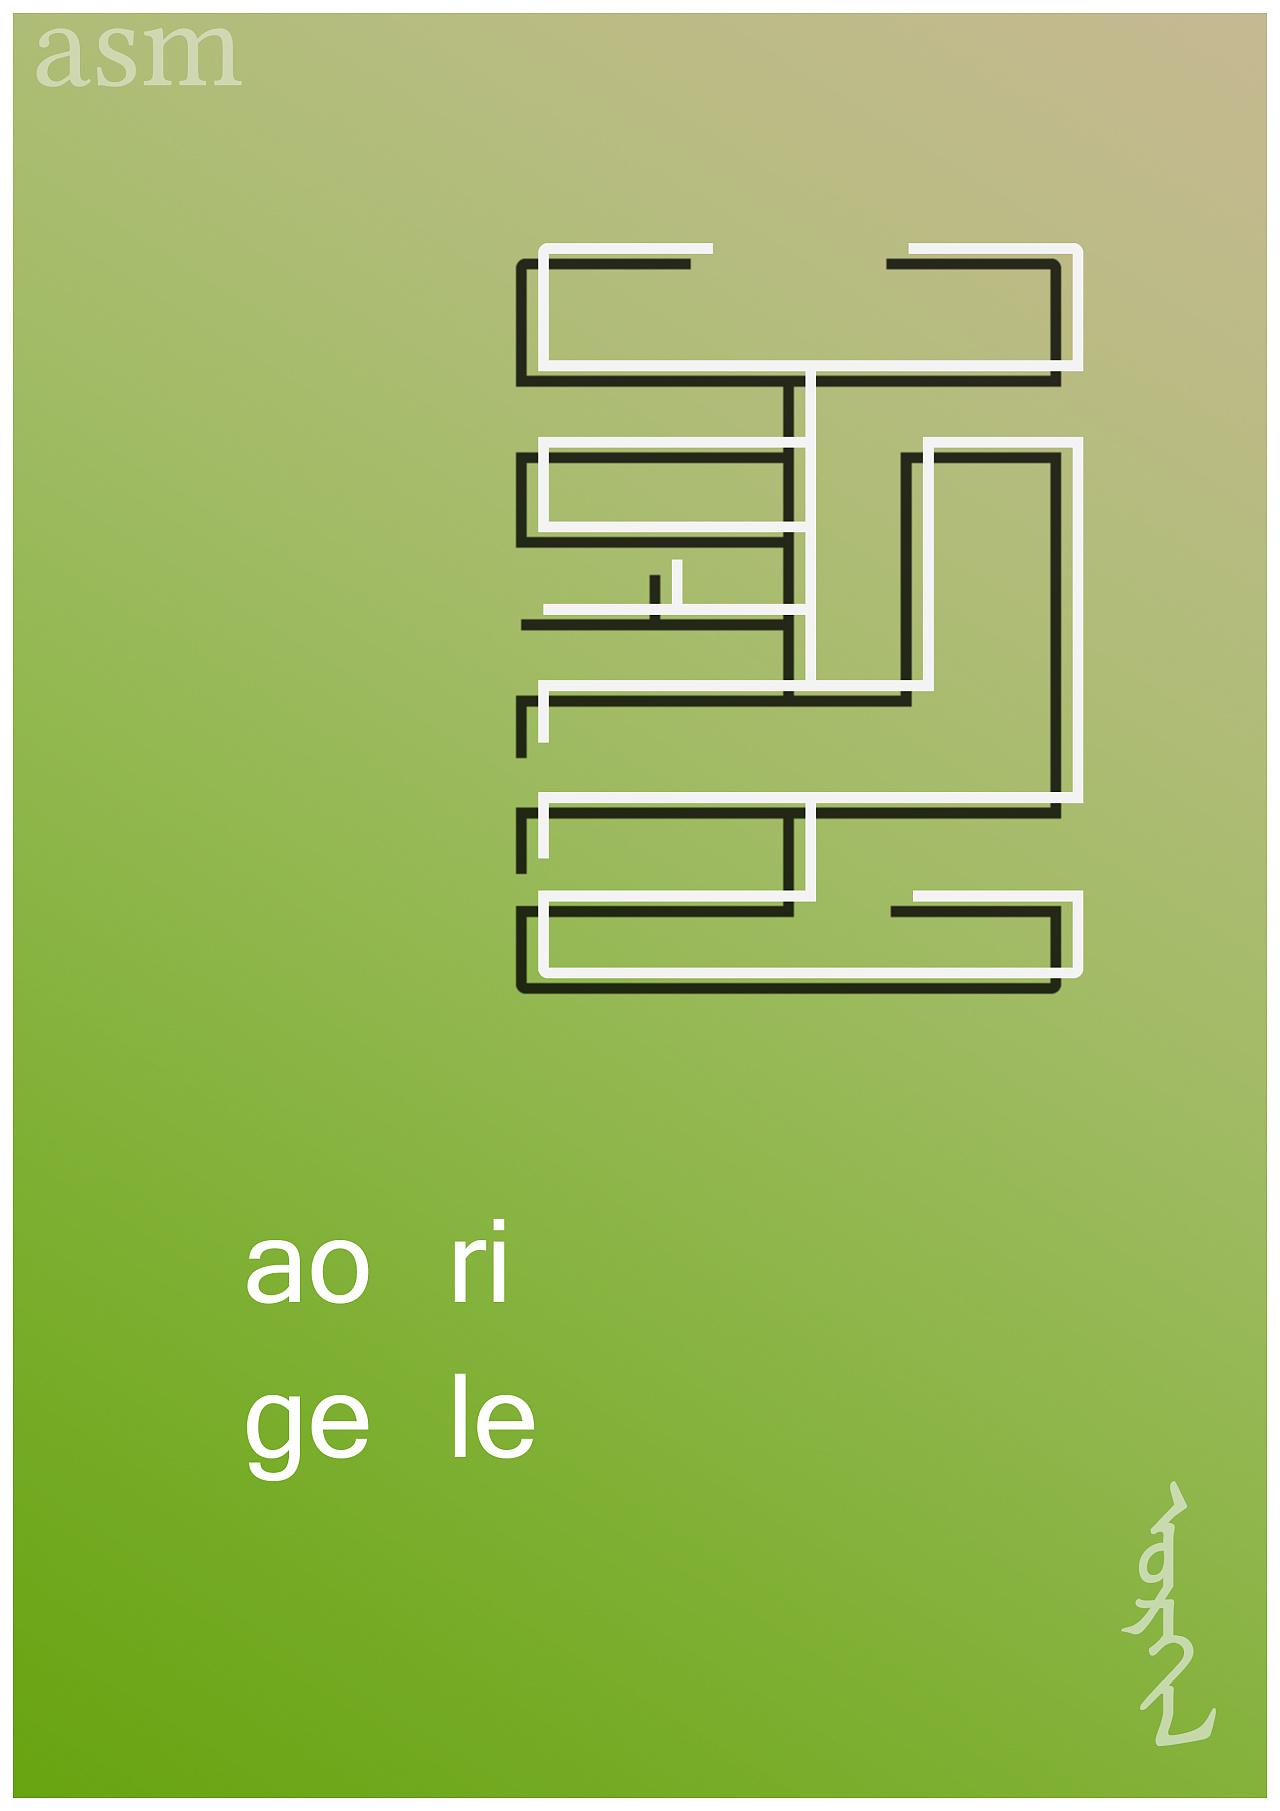 蒙古艺术文字5 -阿斯玛设计 第8张 蒙古艺术文字5 -阿斯玛设计 蒙古设计